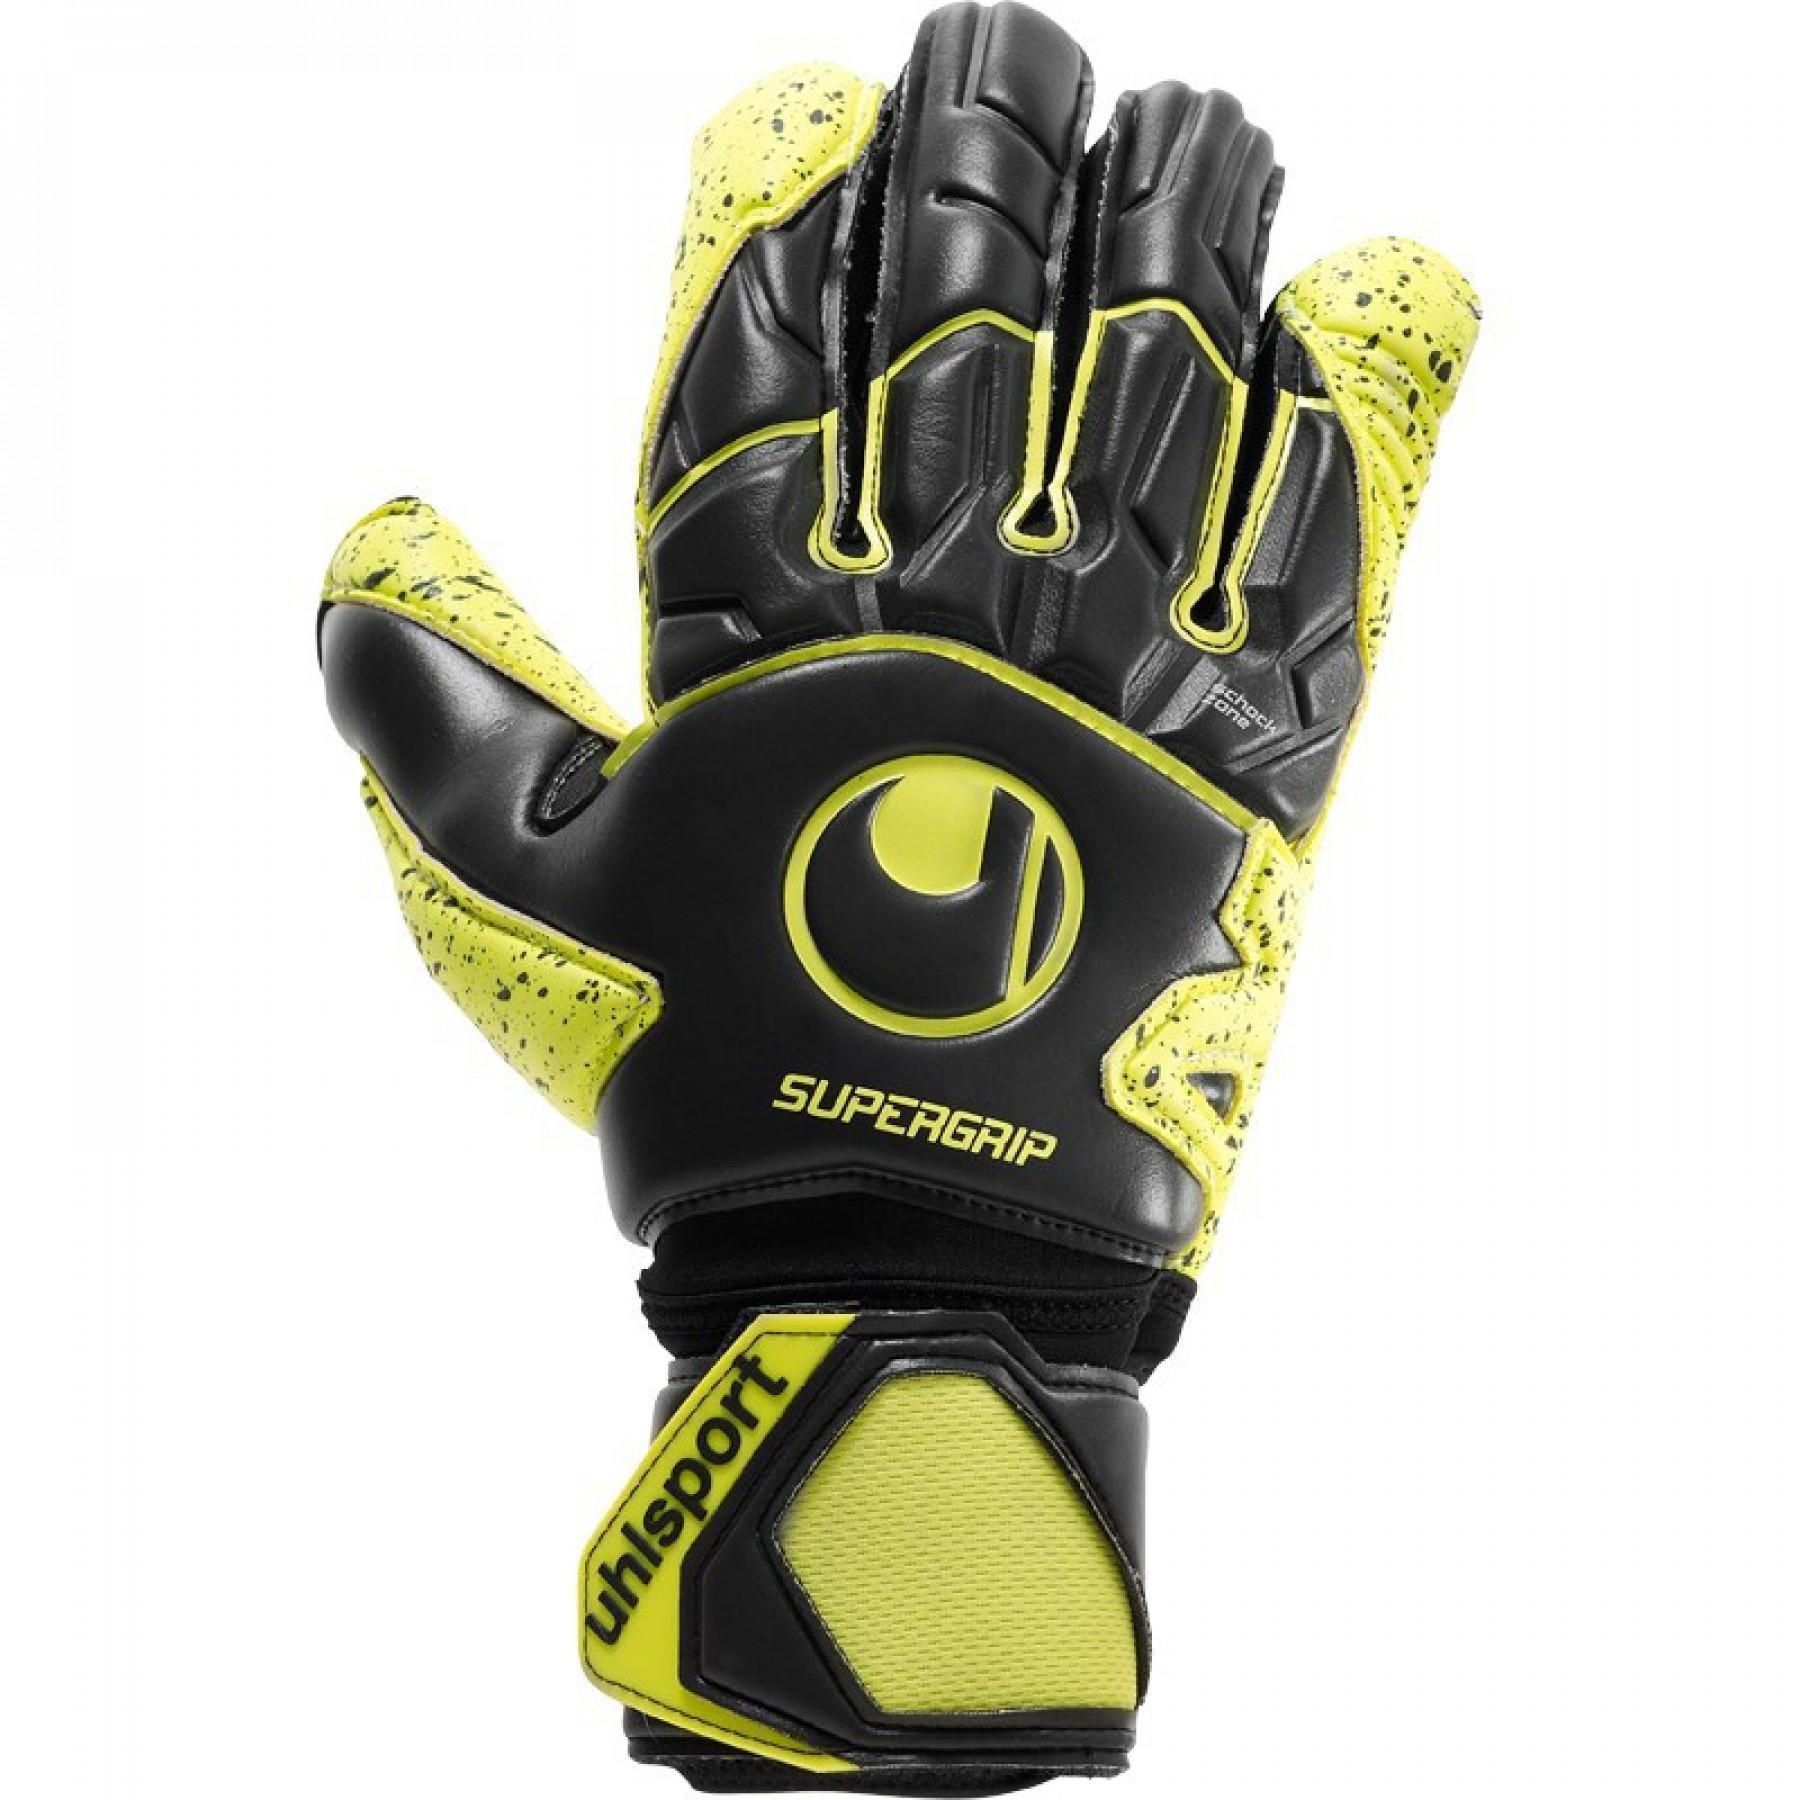 Uhlsport Supergrip Flex Frame Carbon Goalie-Handschuhe